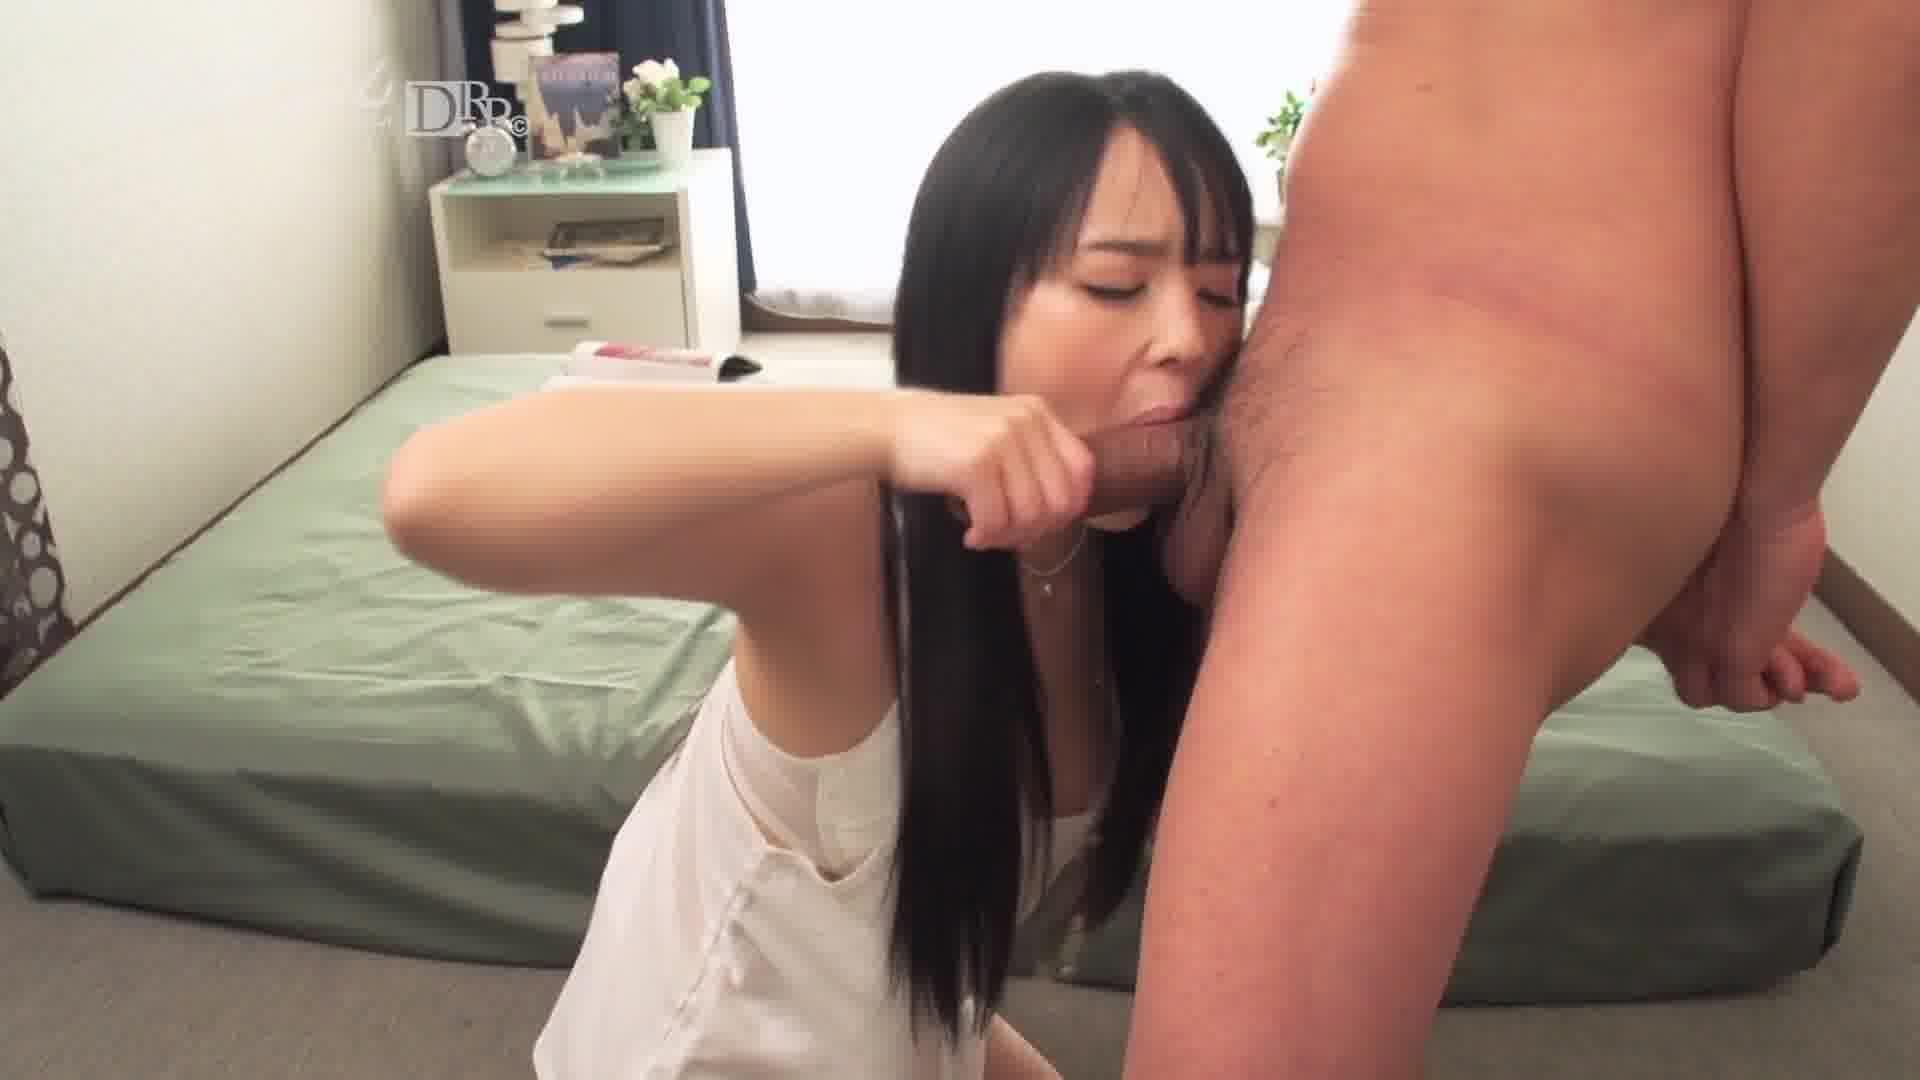 みんなの妹、無修正2ndリリース! - 佳苗るか【美乳・美尻・中出し】